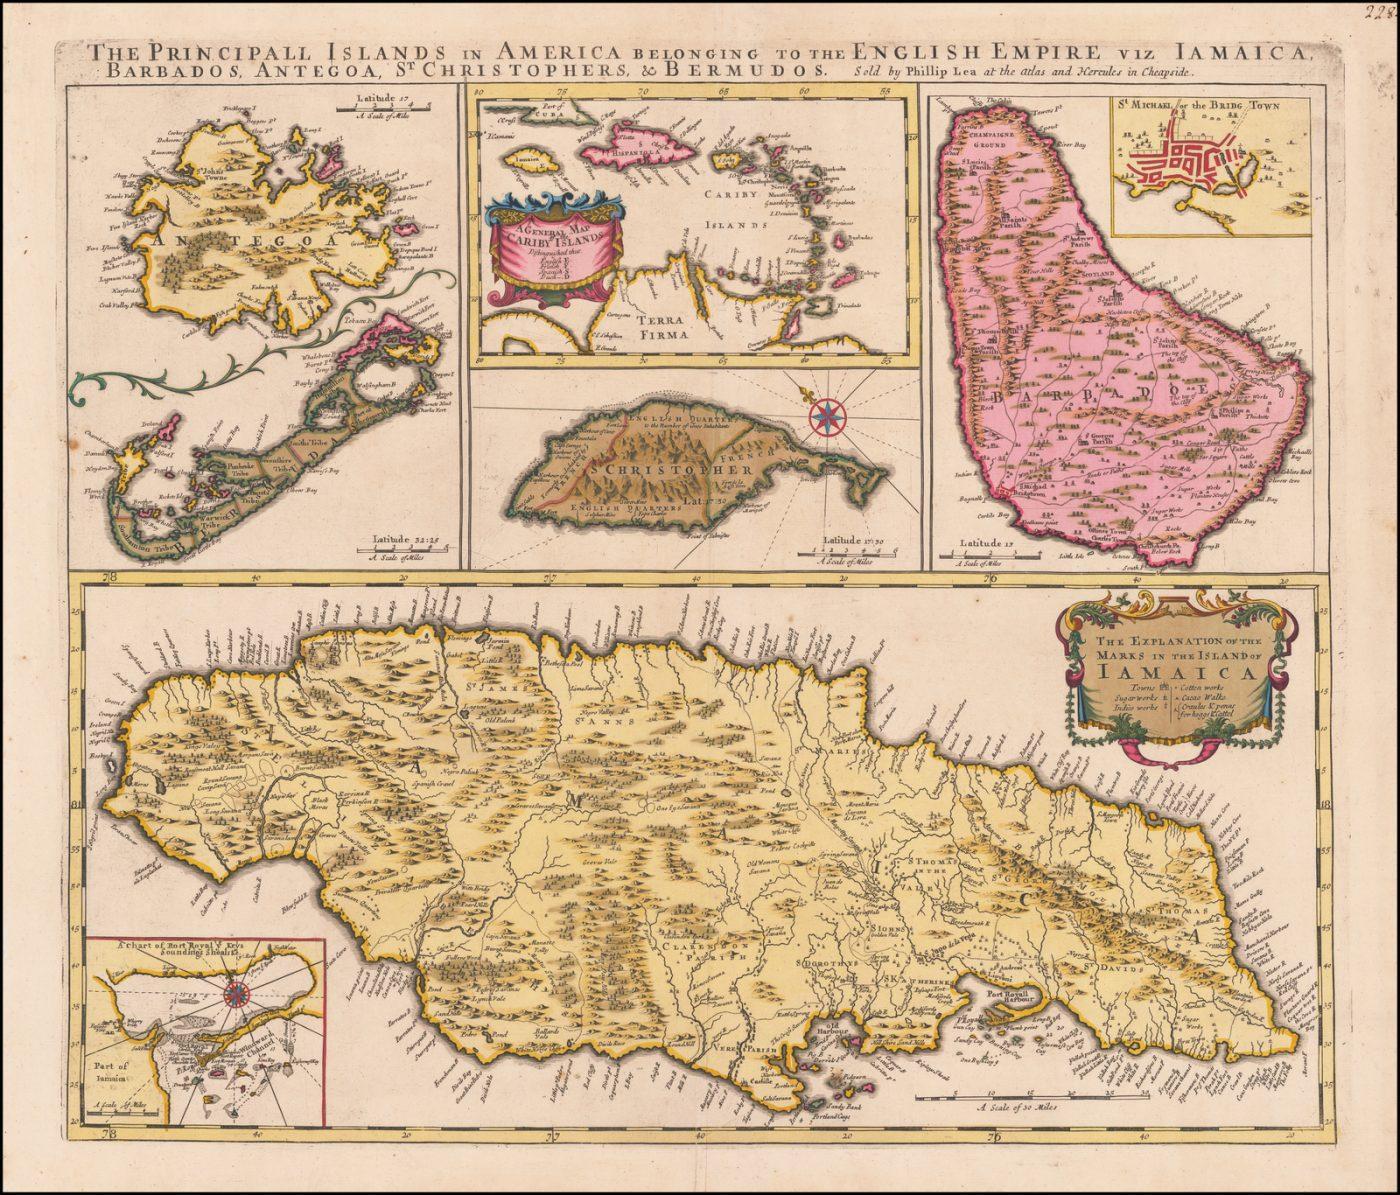 Карта основных островов Америки, принадлежащих английской империи: Ямайка, Барбадос, Антигуа, Сент-Кристофер и Бермуды